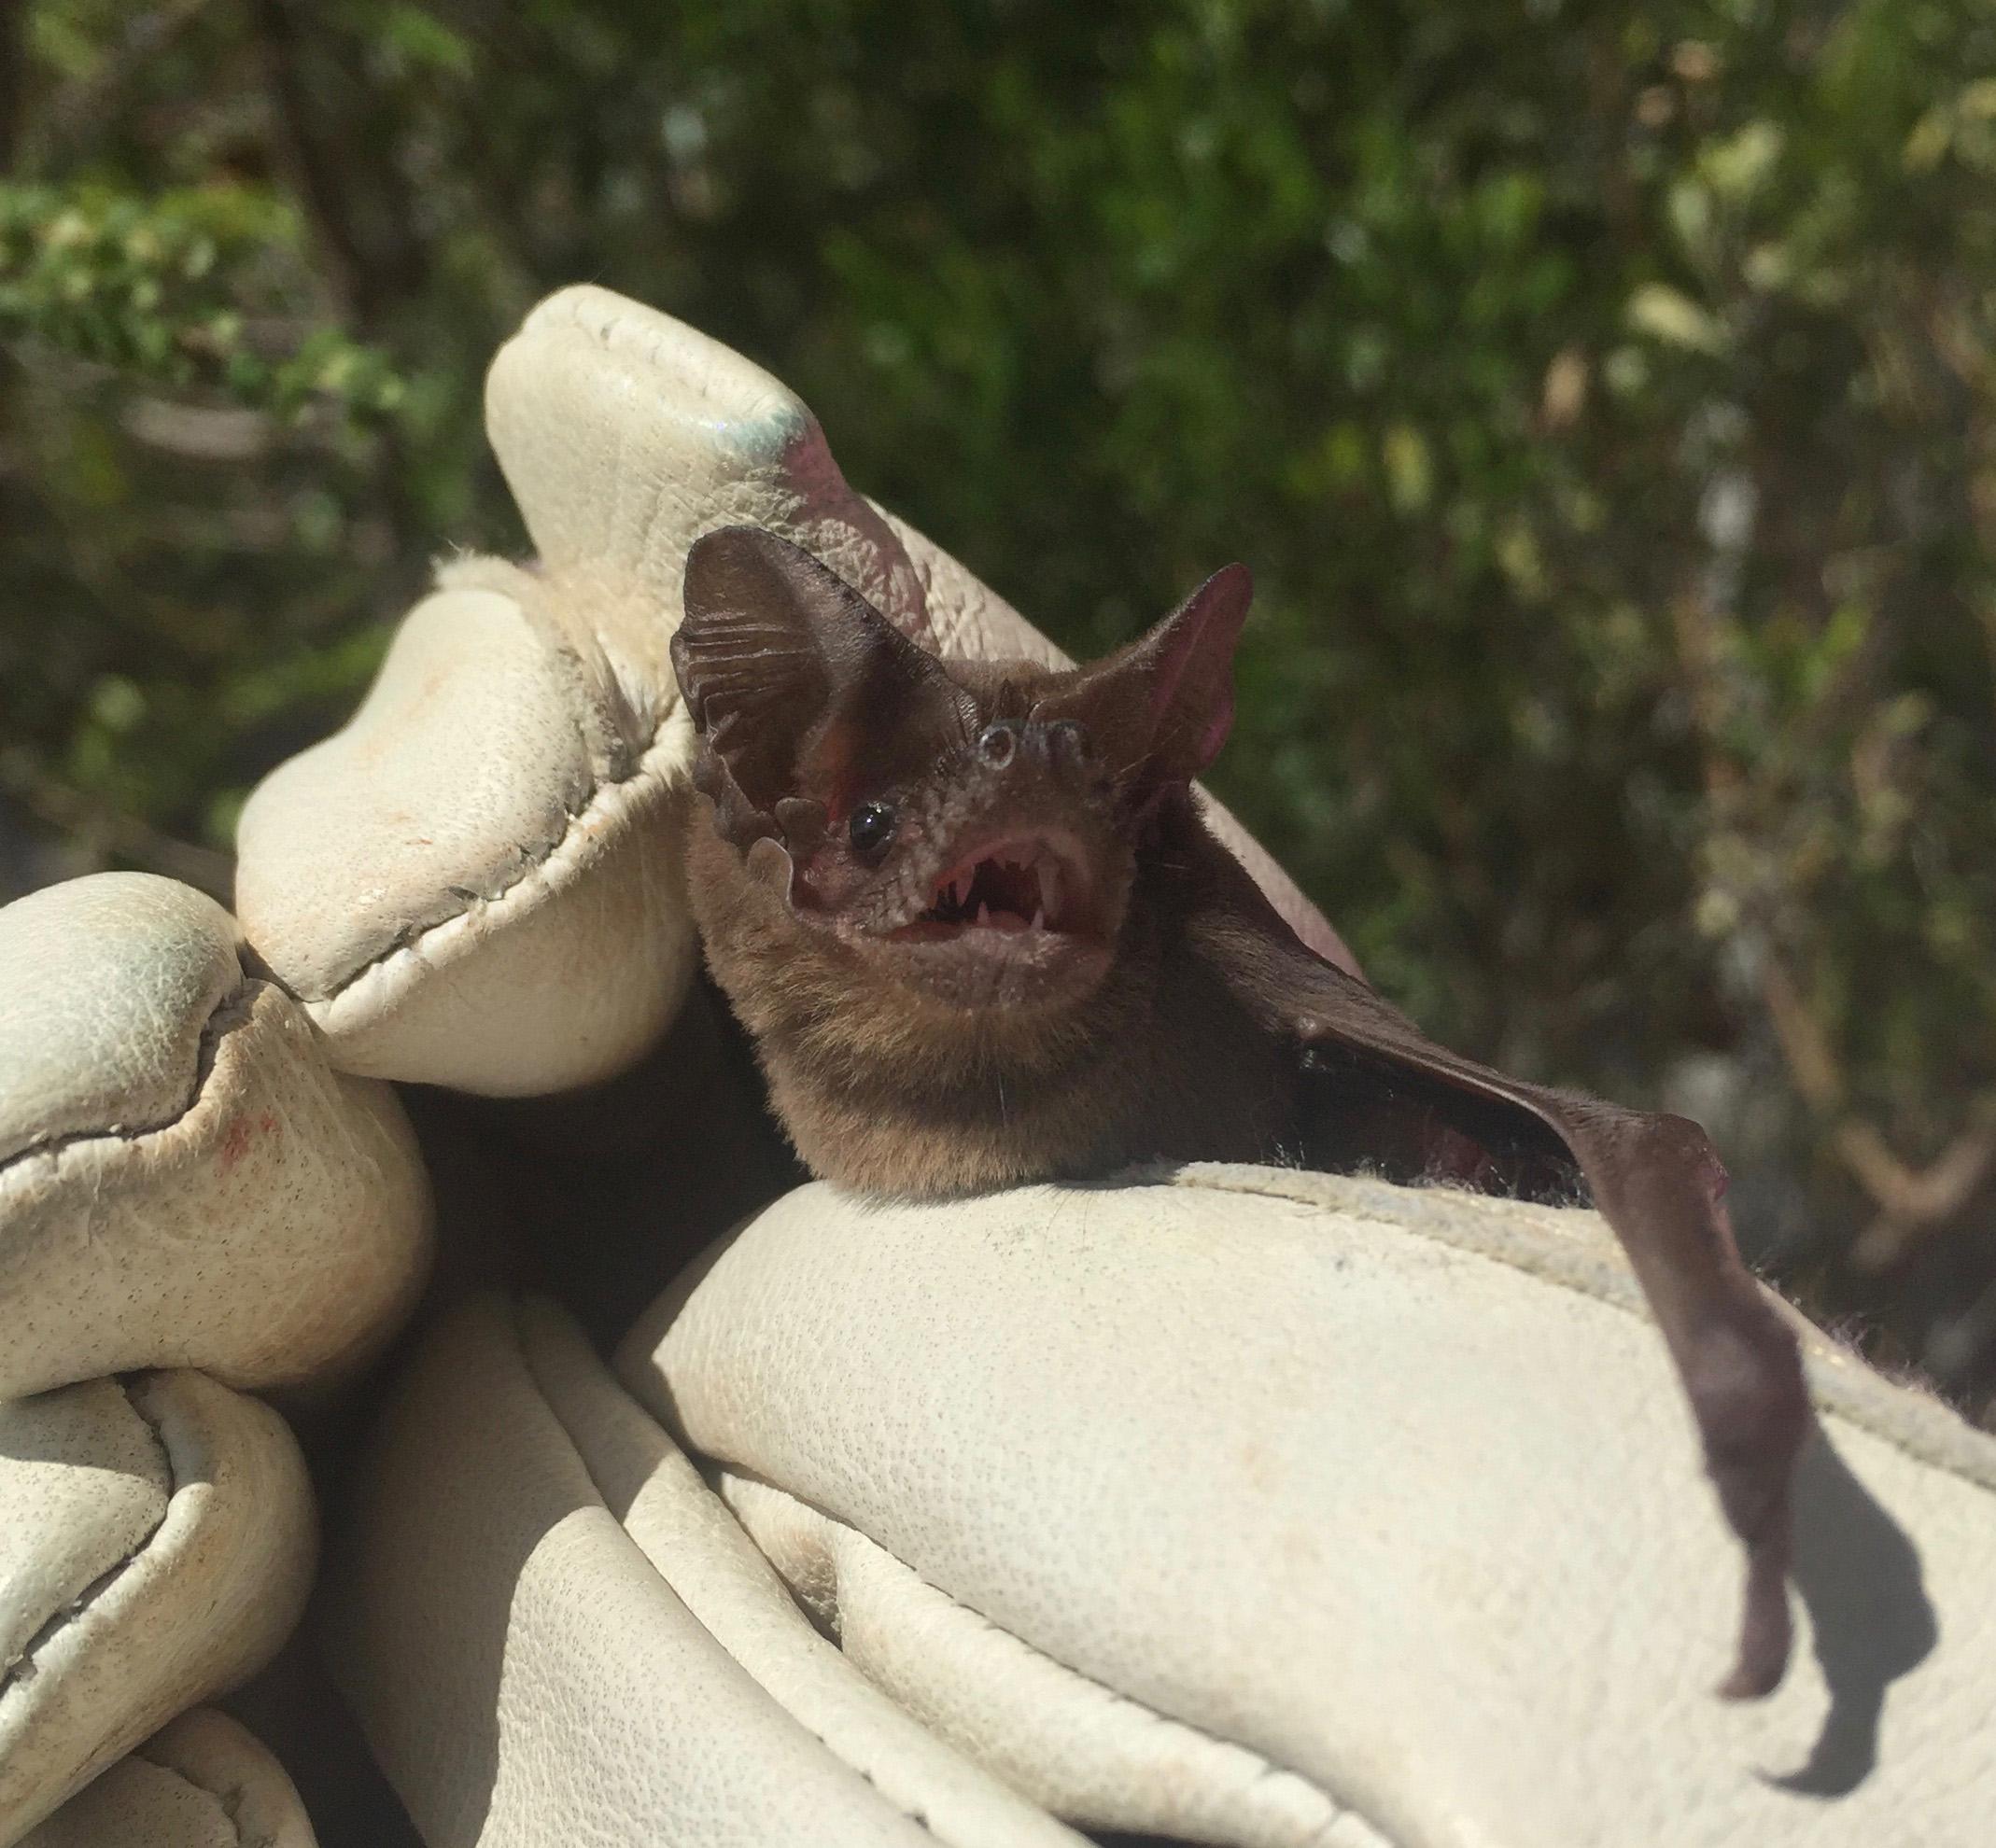 Bat Held In Gloves